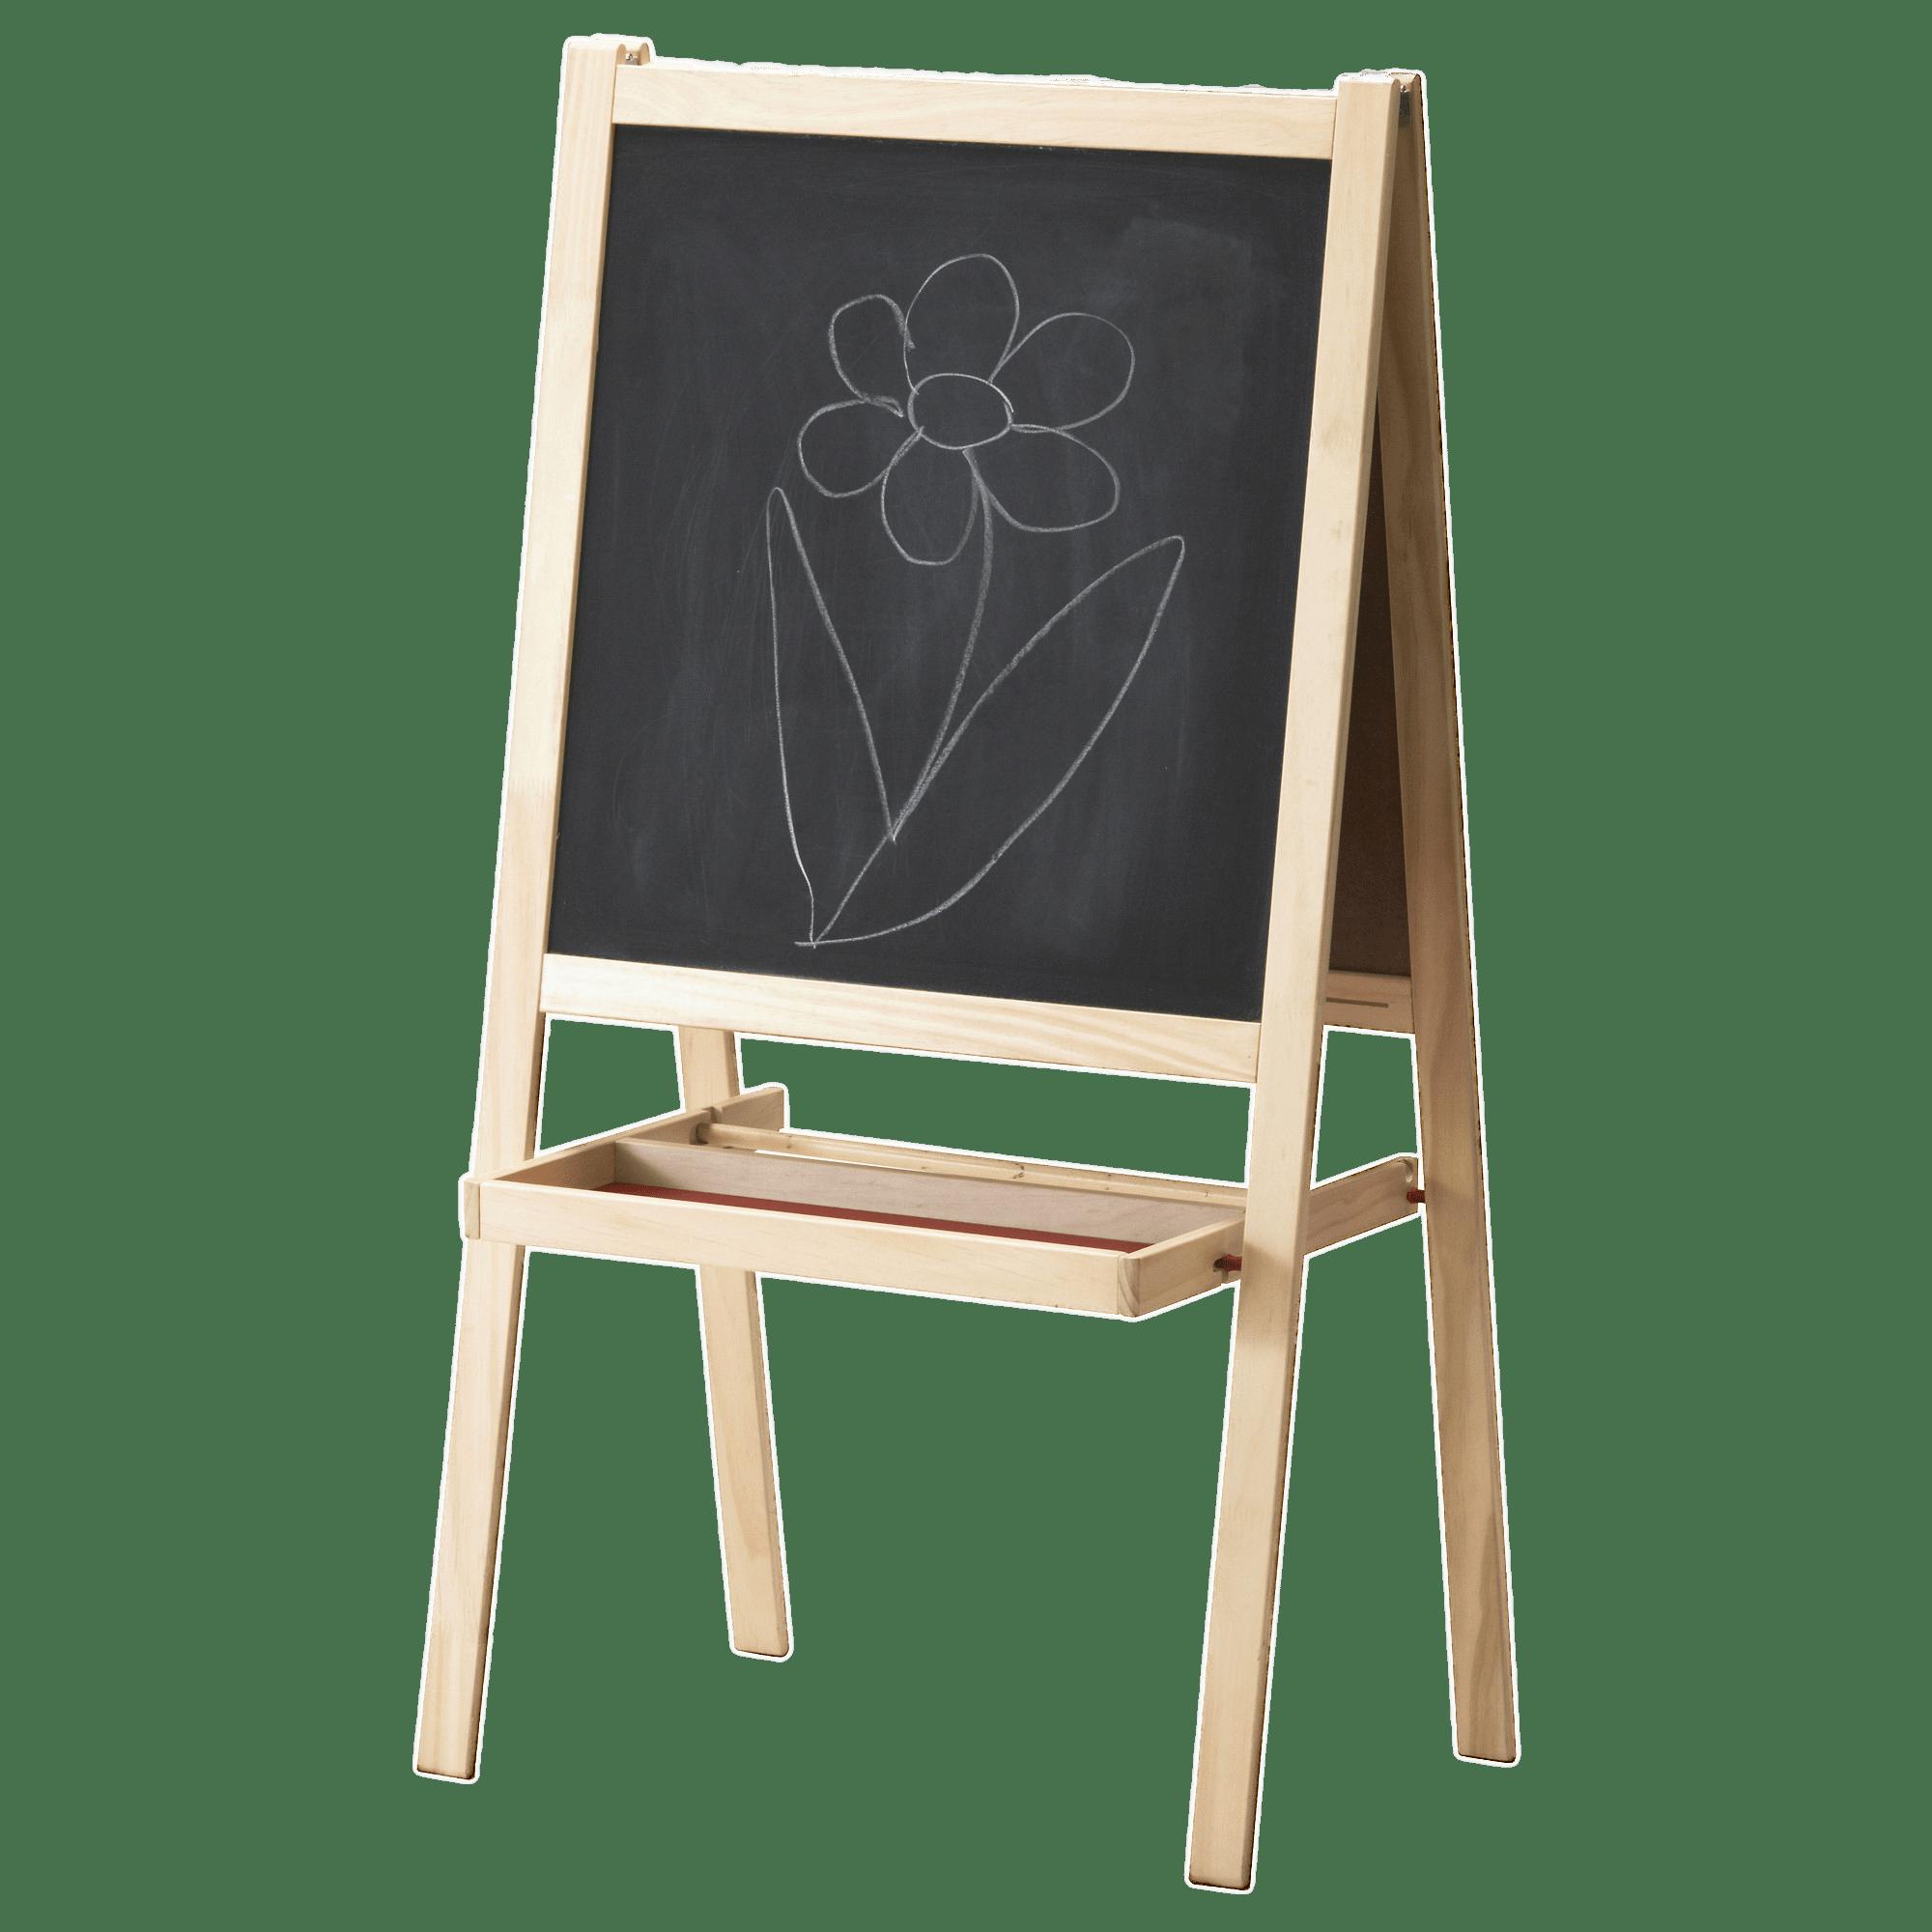 Ikea blackboard for children. Easel clipart chalkboard easel